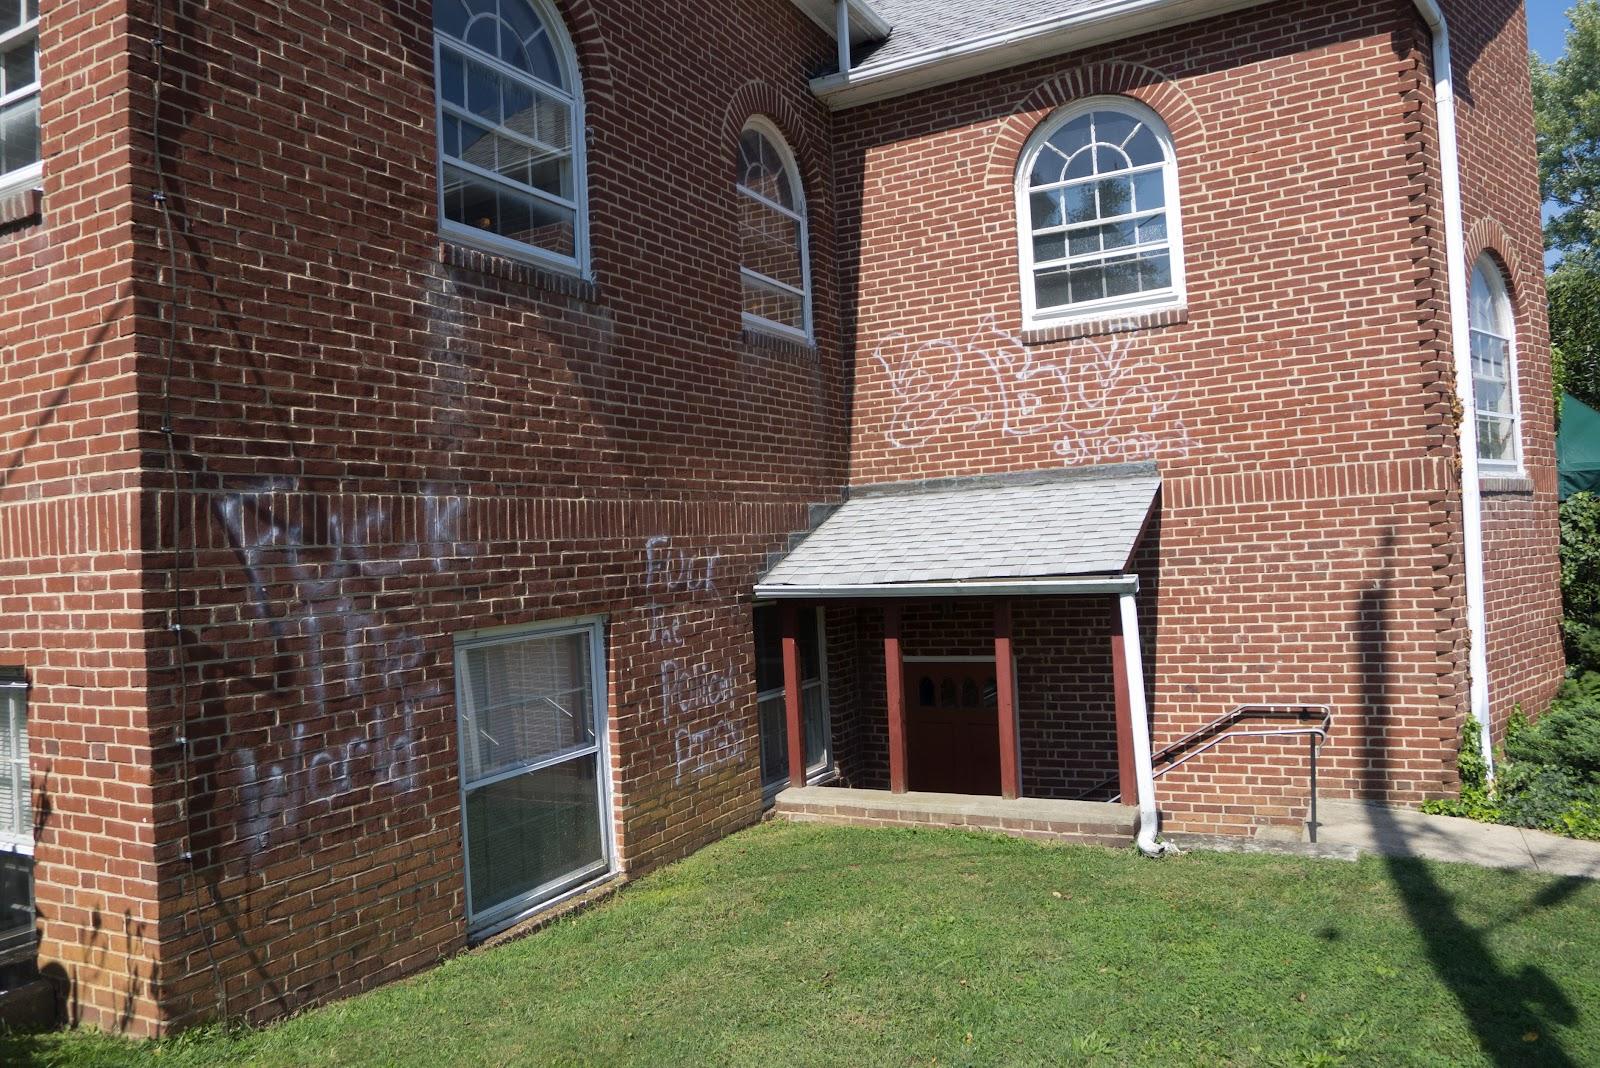 Delaware anti graffiti brigades community fellowship church brookland terrace